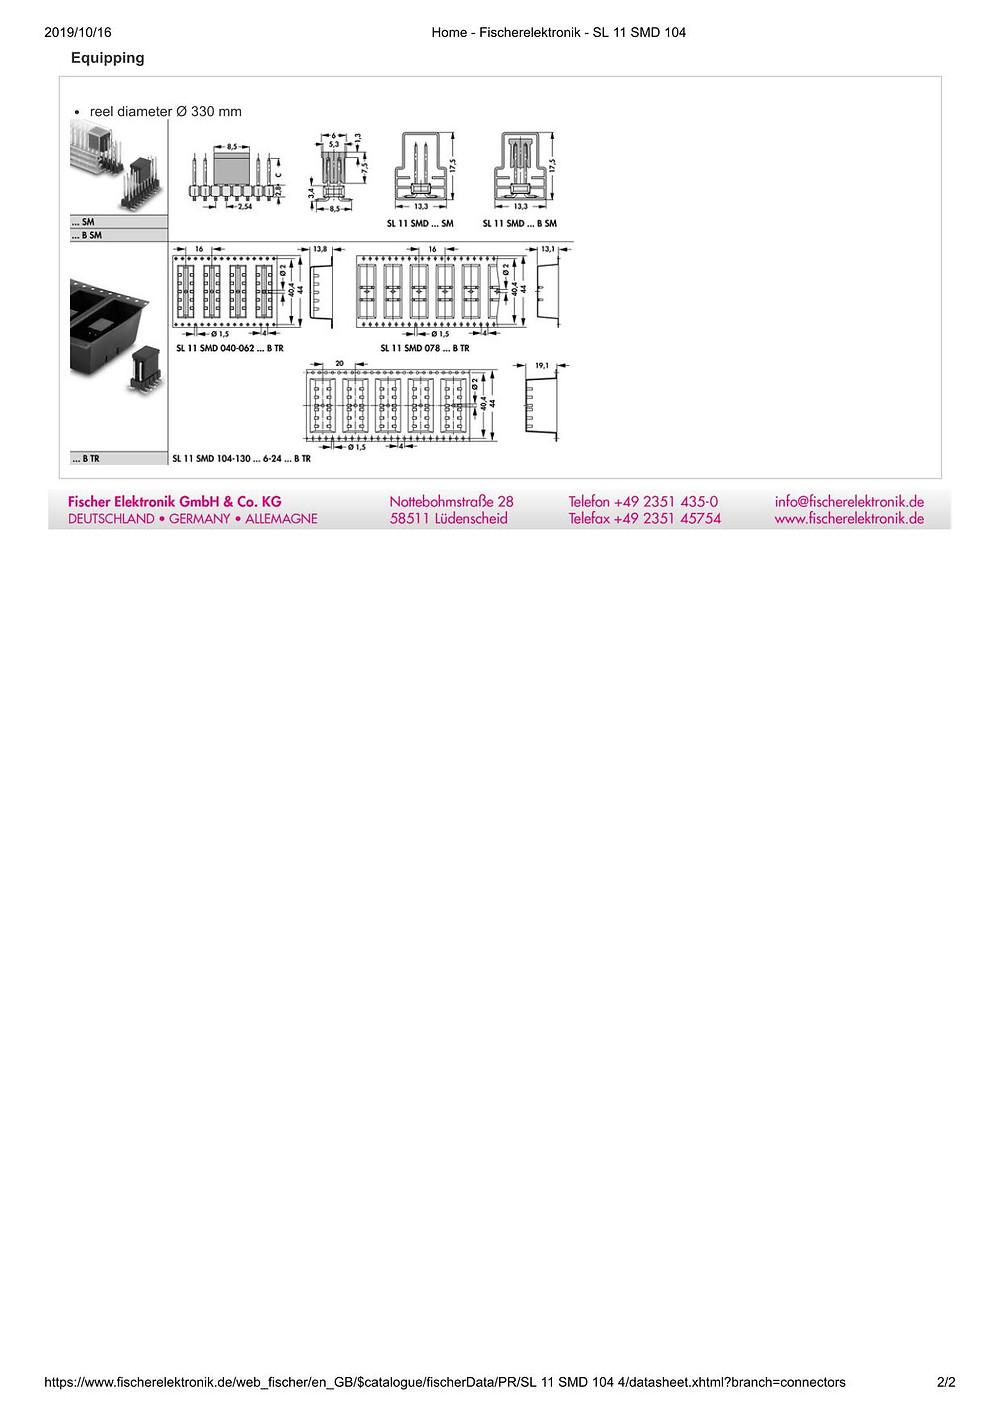 SL 11 SMD 104 フィッシャー テープ&リール対応 ピンヘッダ  2列 2.54㎜ピッチ □0.635mm (1リール=150個巻)6-24ピン